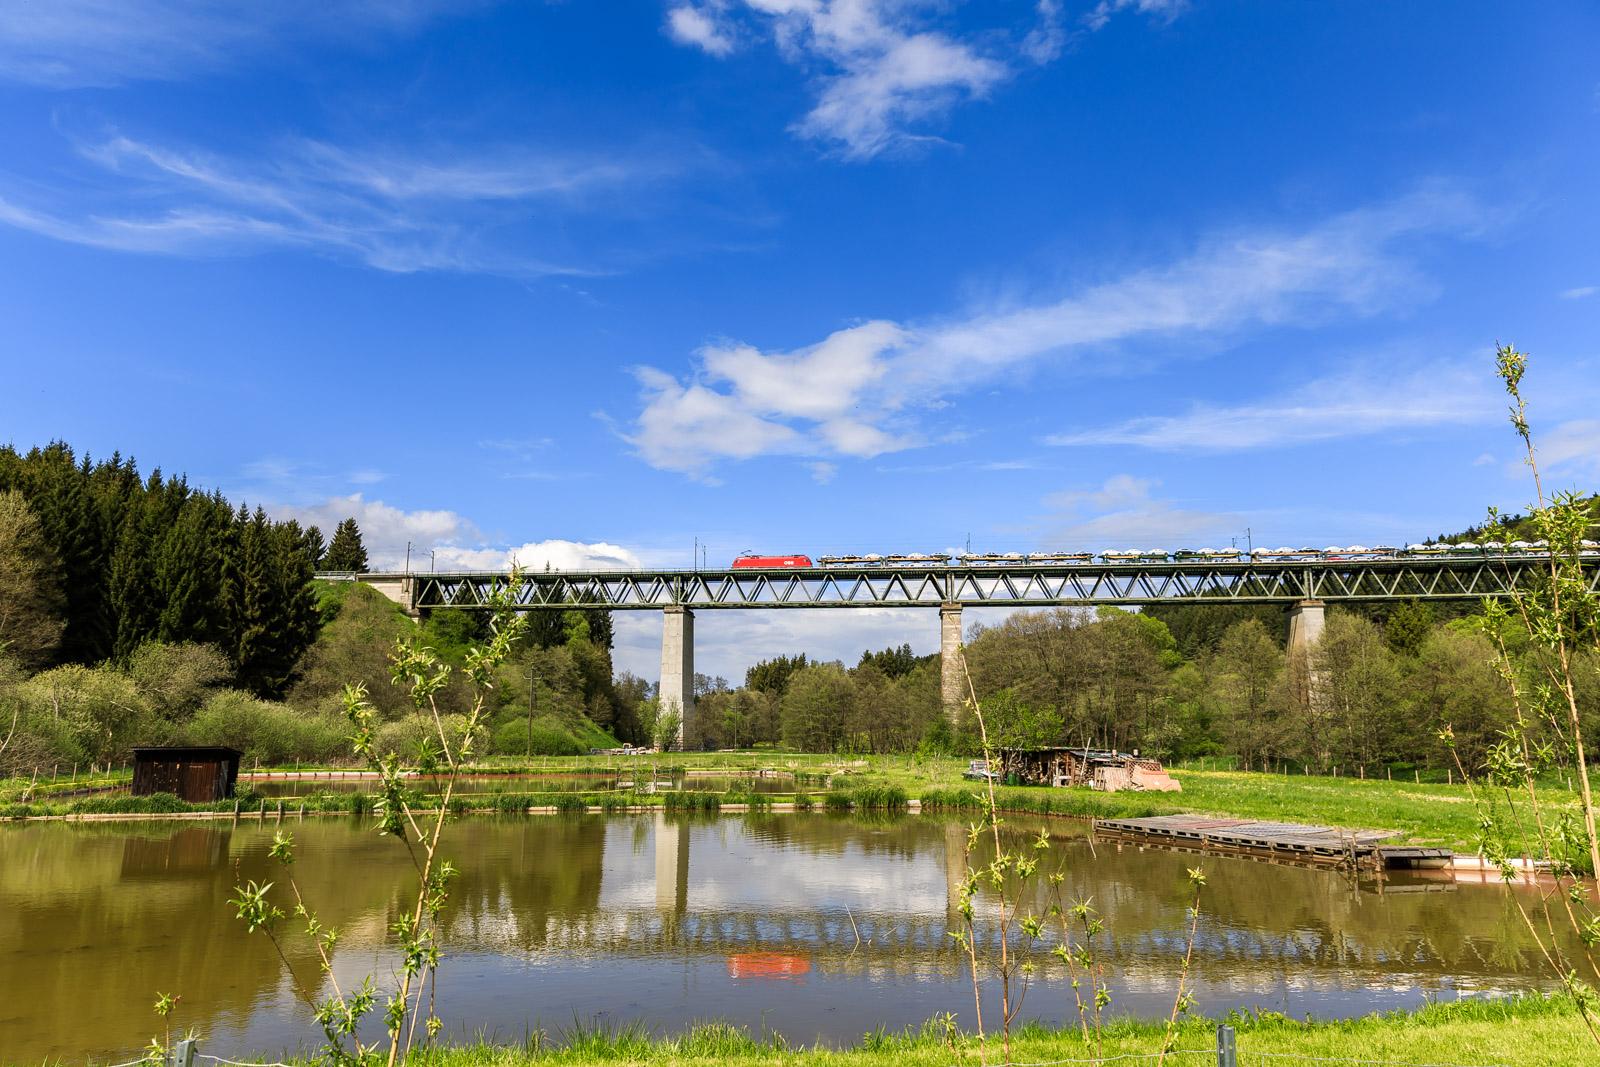 Eisenbahnbrücke erbaut 1871